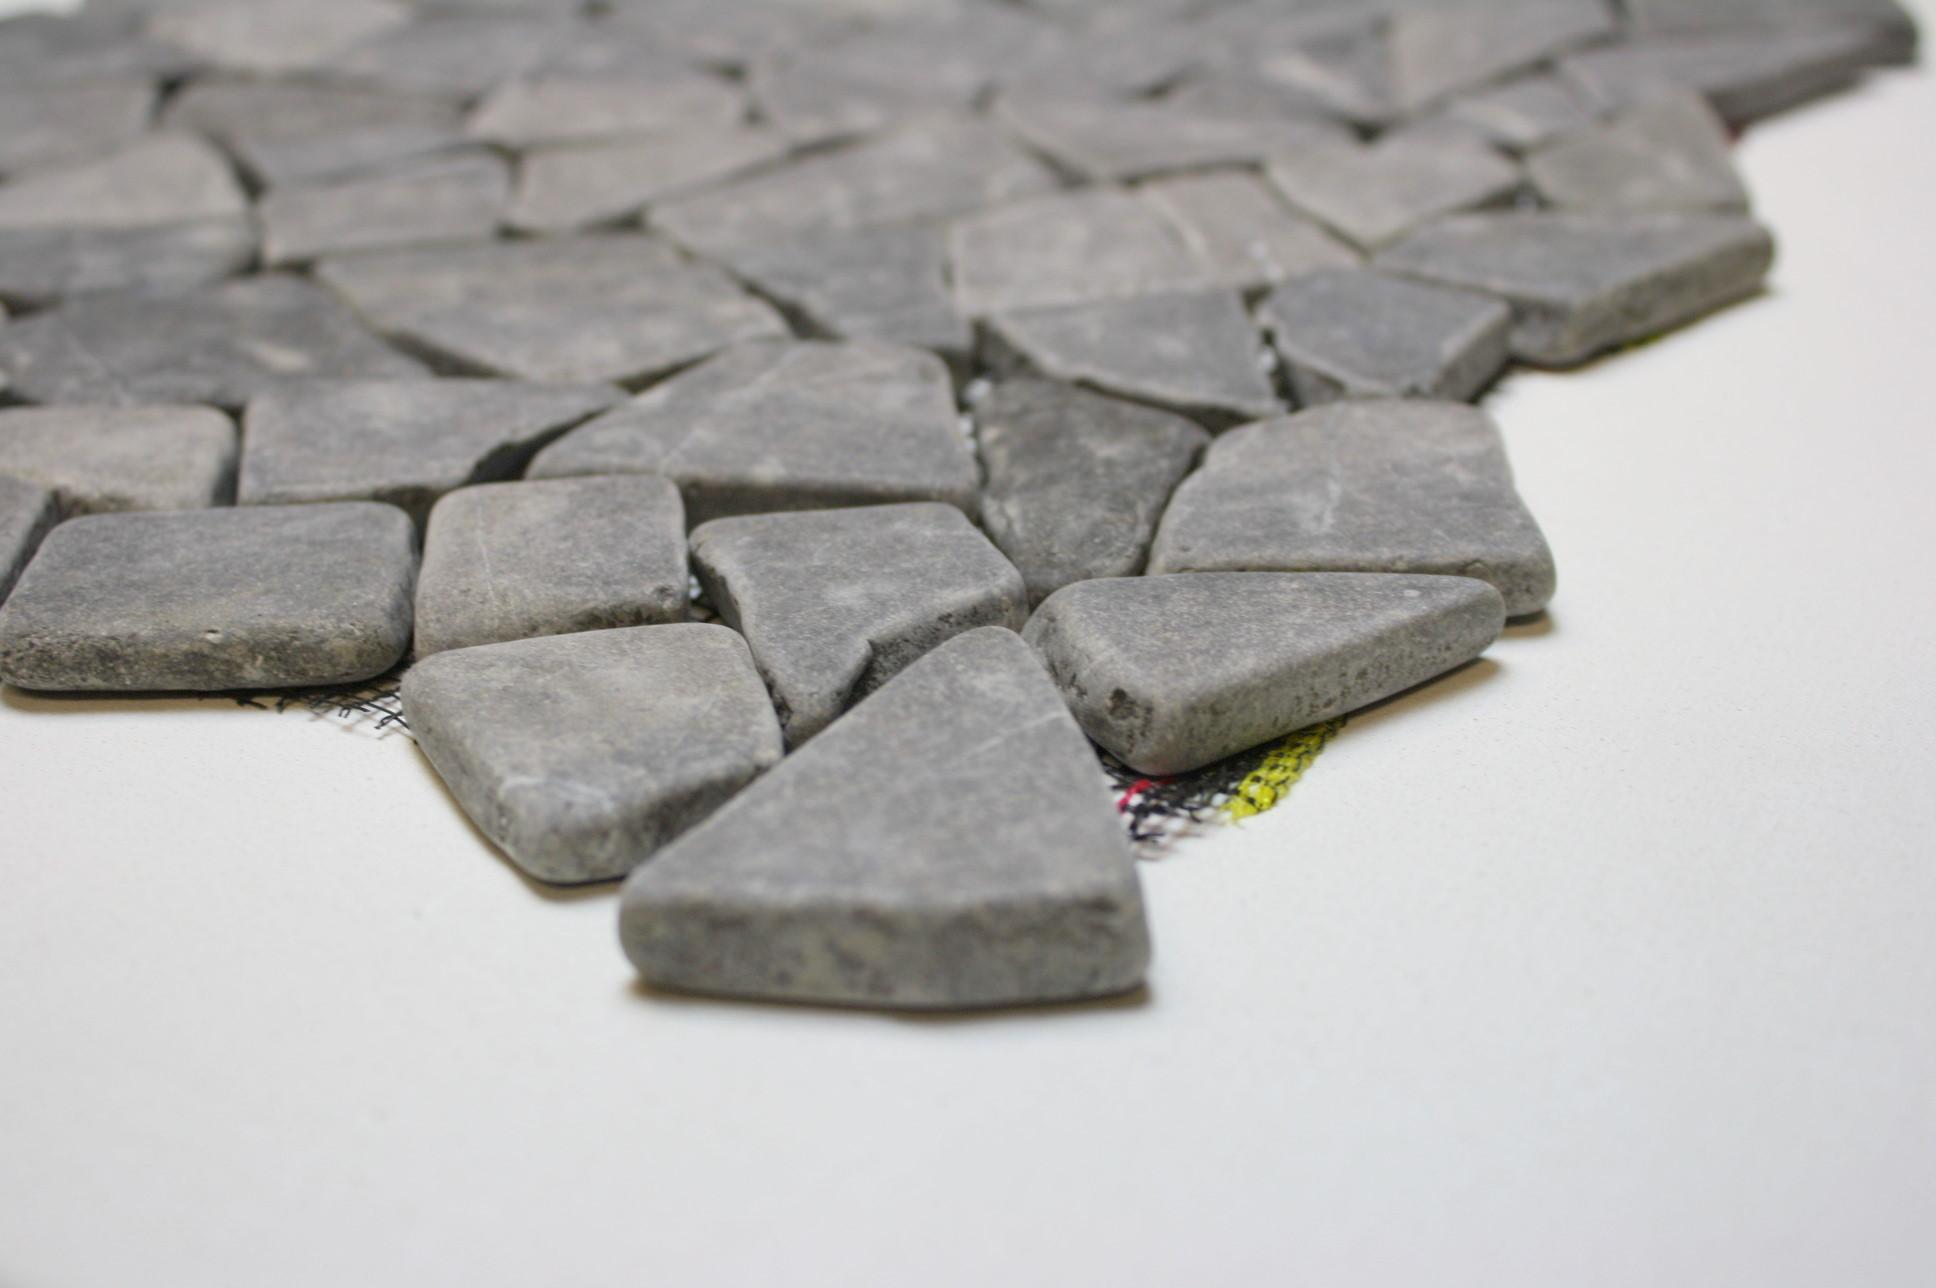 1m bruch mosaik netz naturstein stein marmor fliese boden wand grau restposten ebay. Black Bedroom Furniture Sets. Home Design Ideas